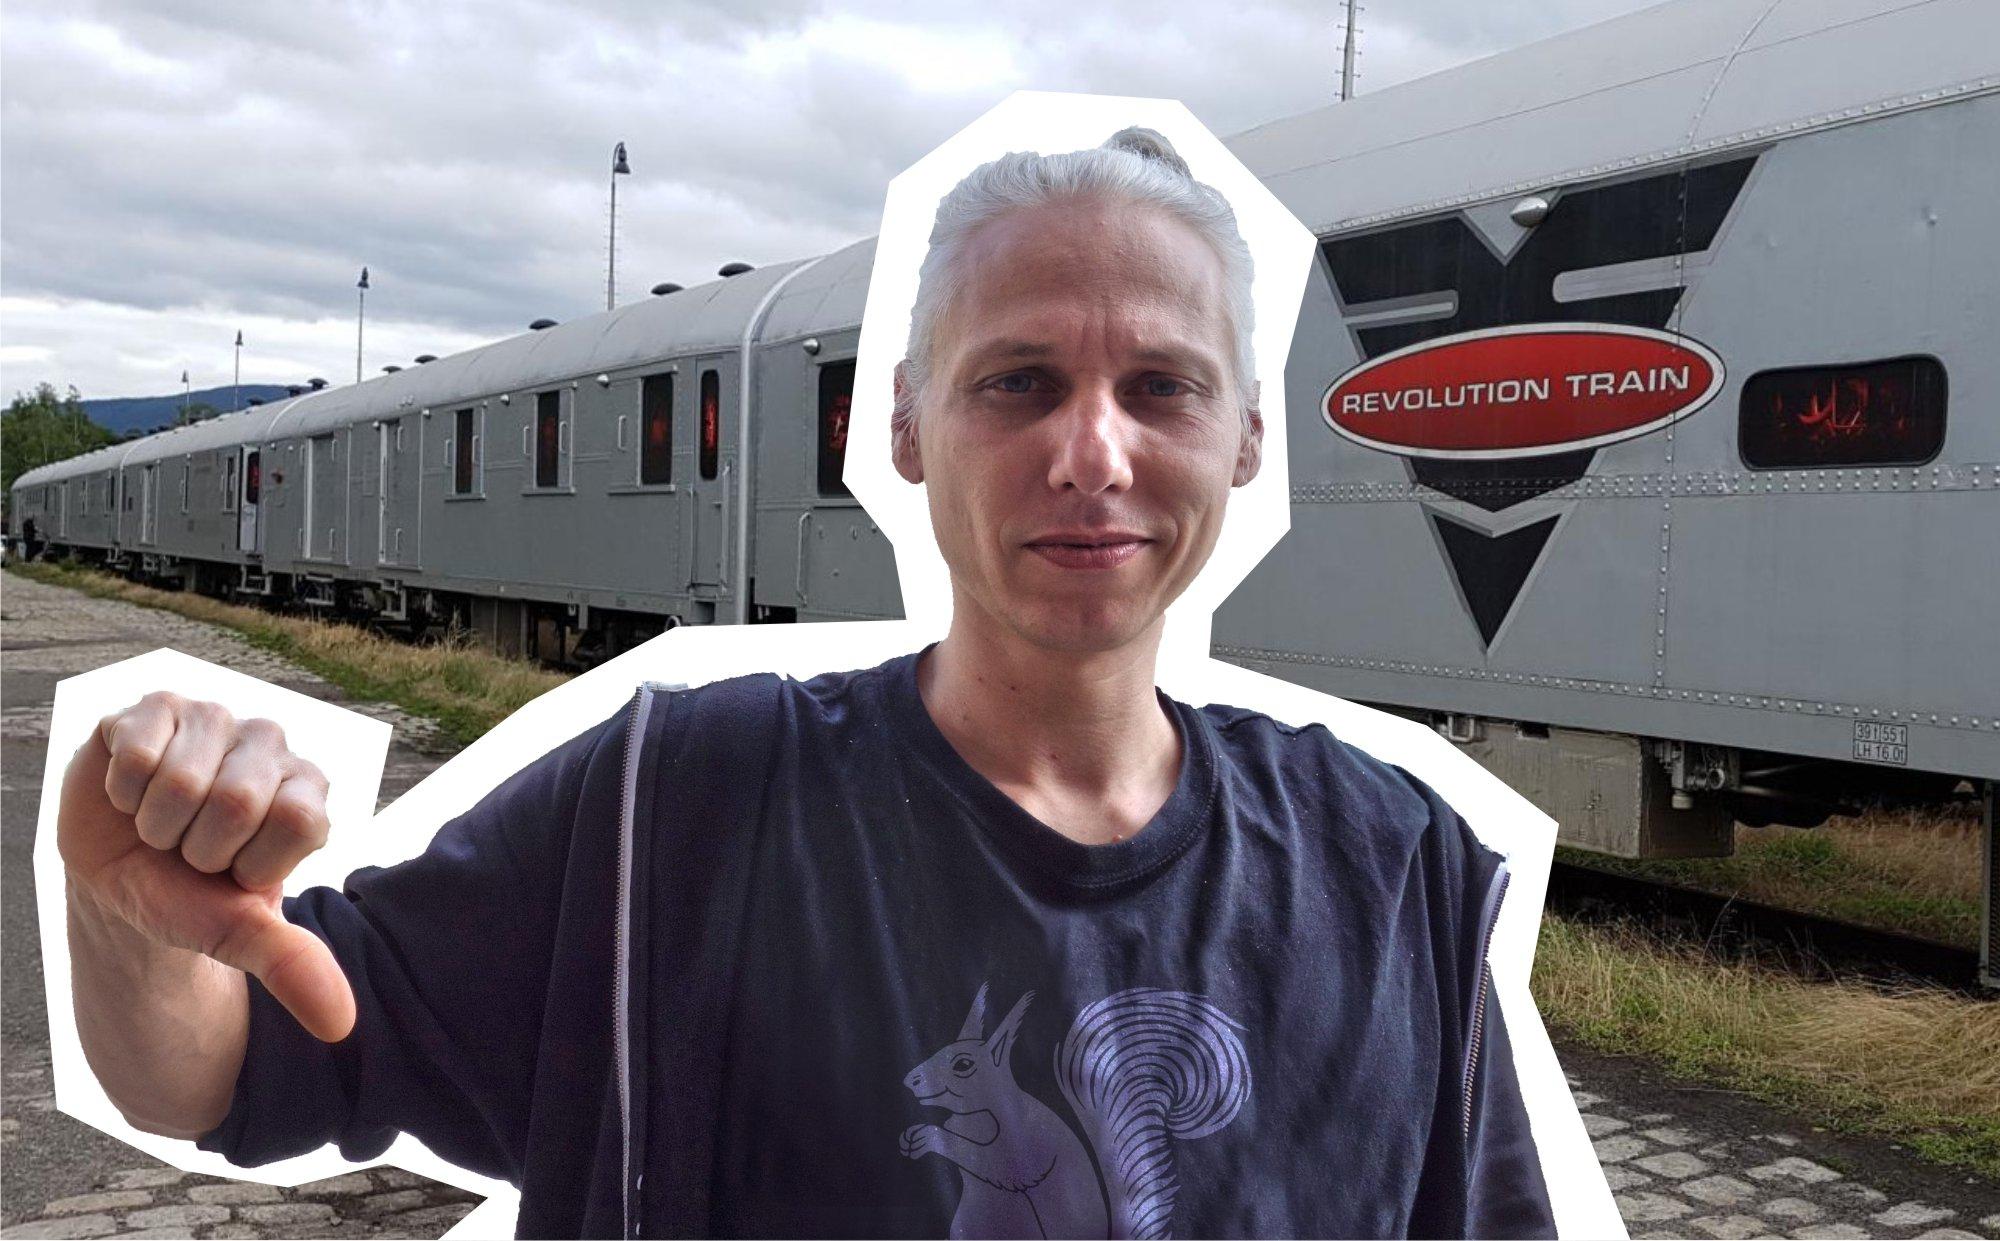 Projekt Revolution train je nekoncepční, necertifikovaný a netransparentní